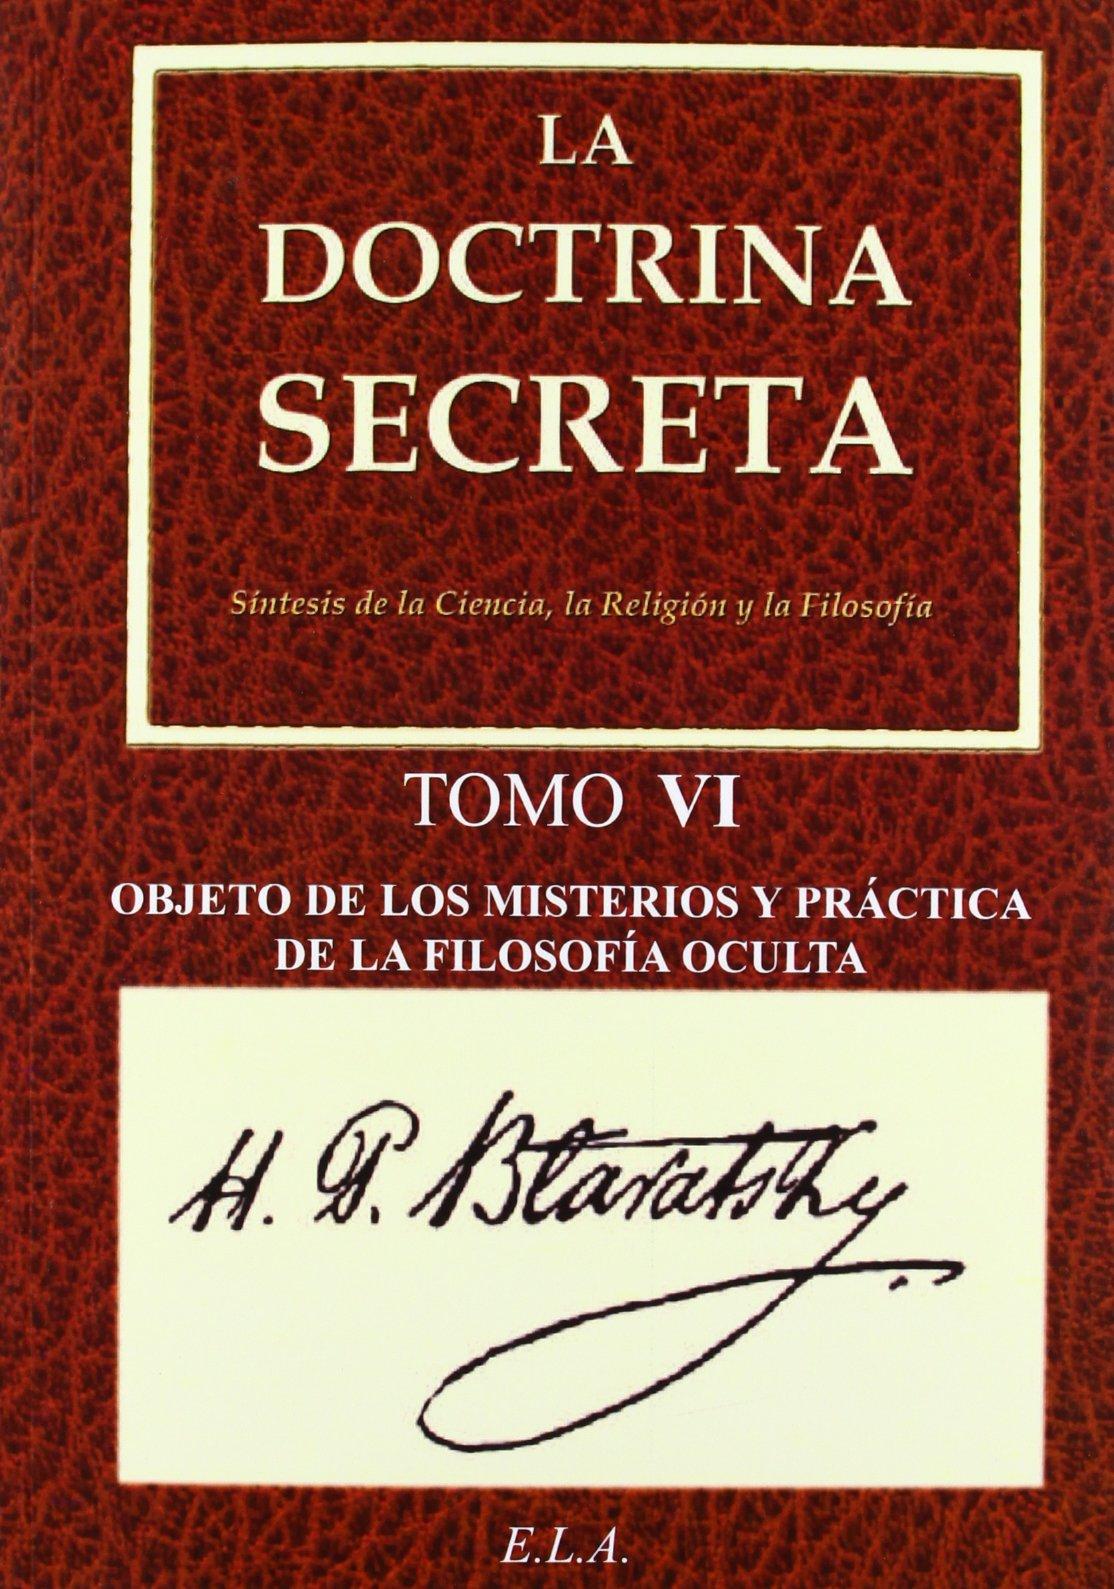 La doctrina secreta VI : obejto de los misterios y práctica ...